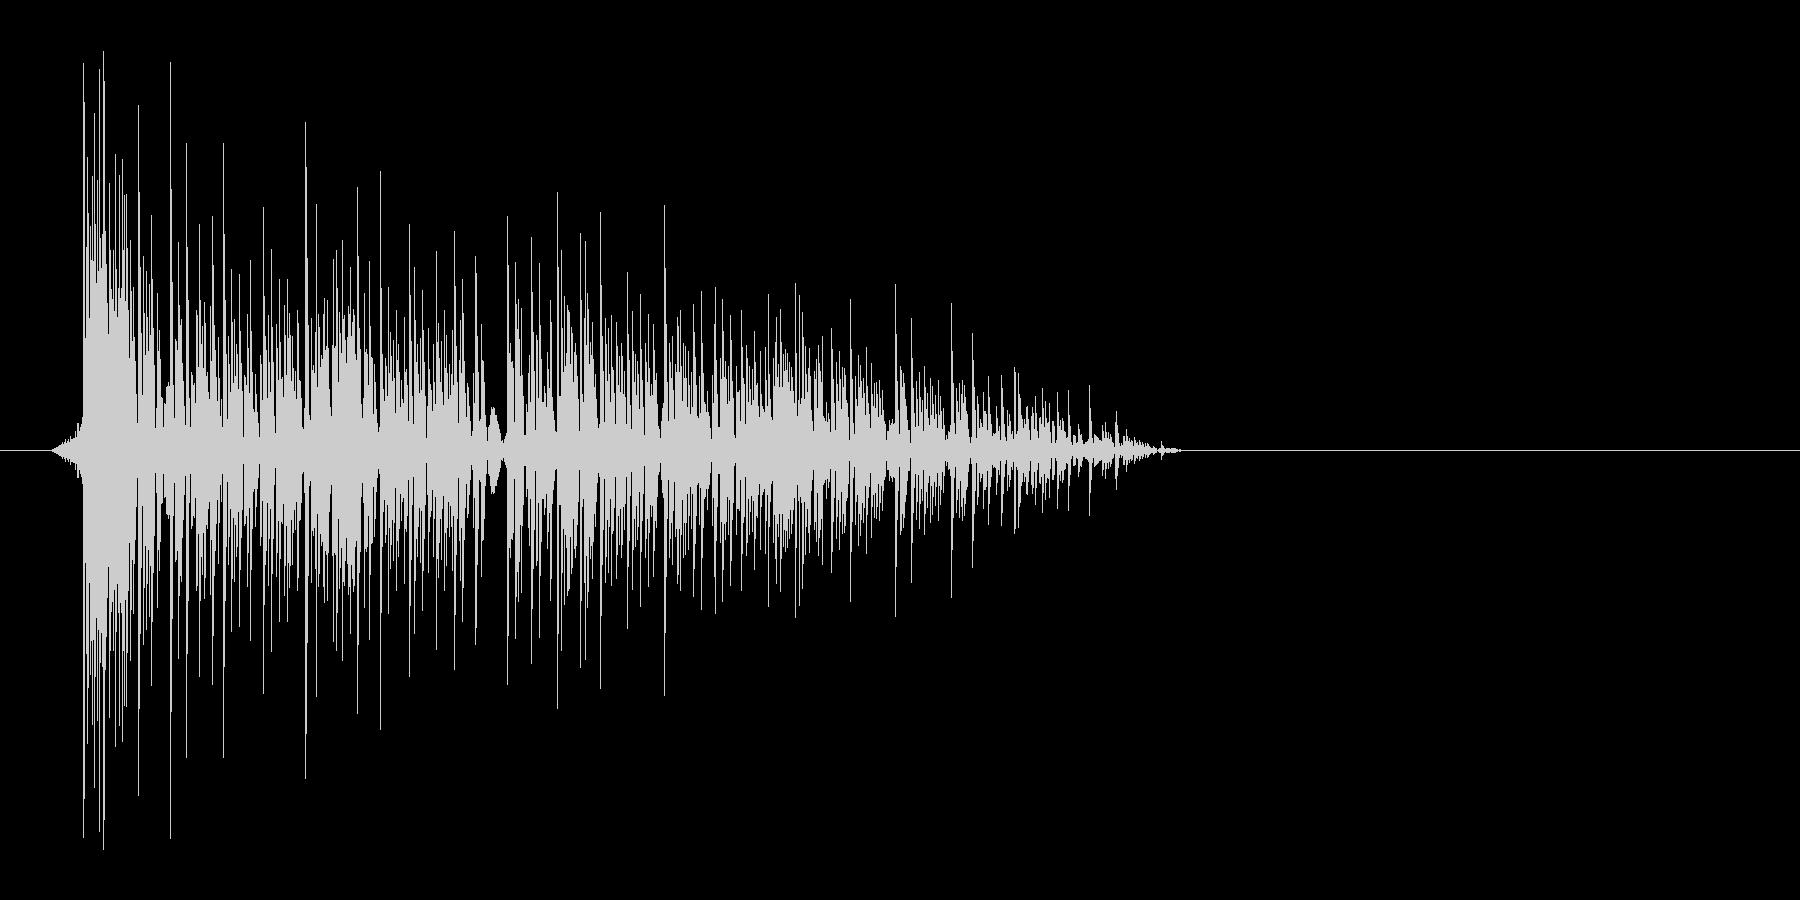 ゲーム(ファミコン風)爆発音_035の未再生の波形